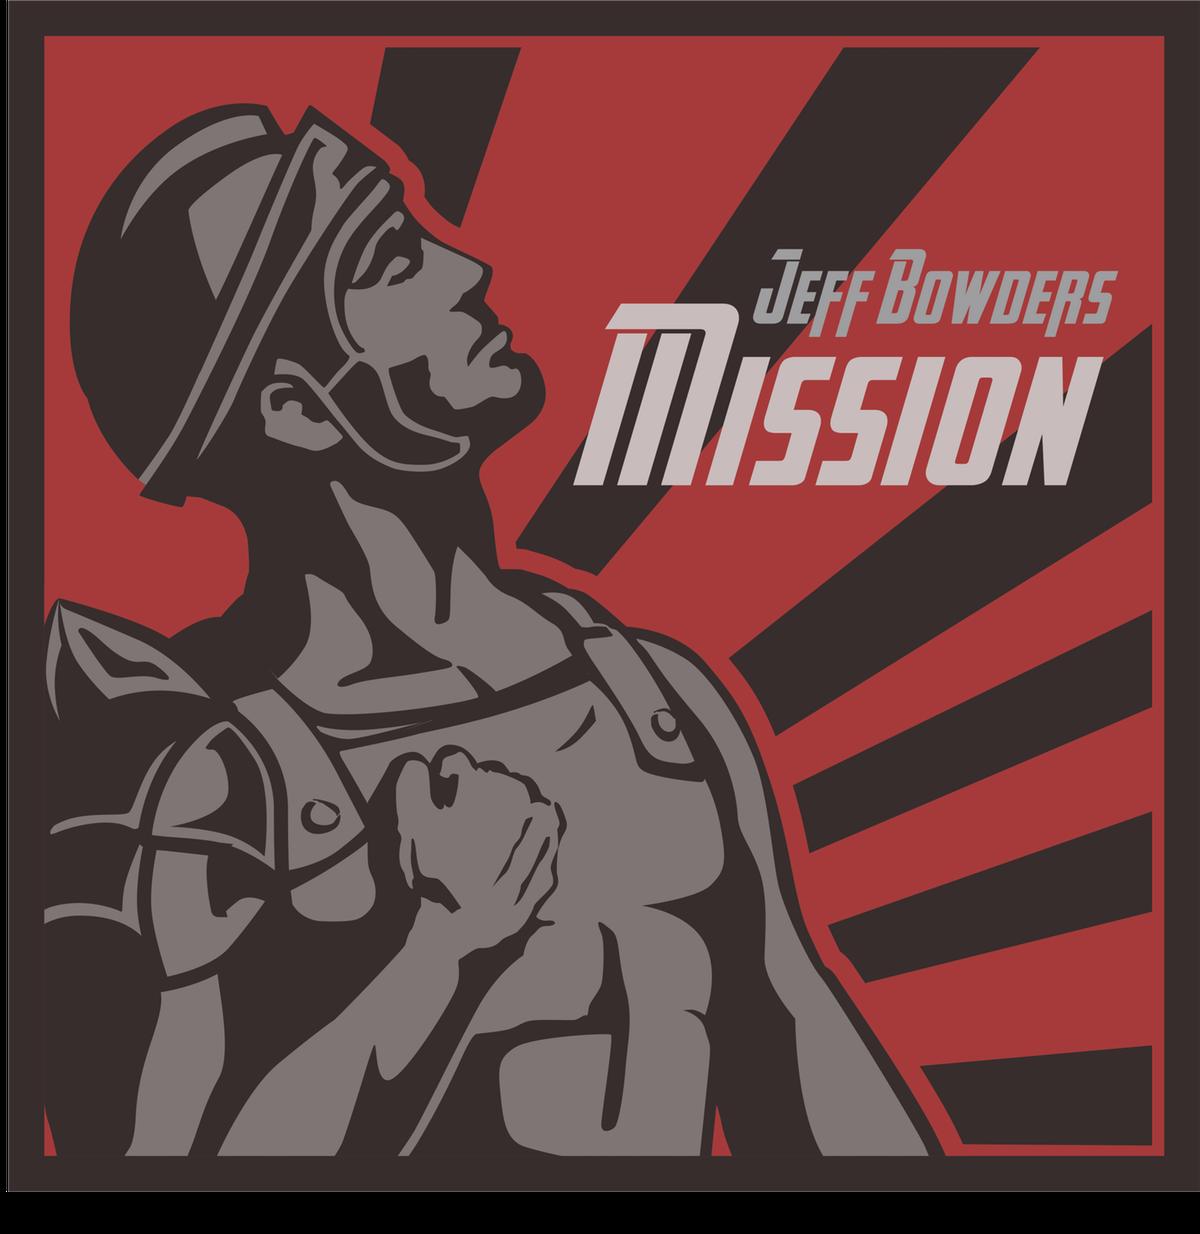 Mission Album Cover